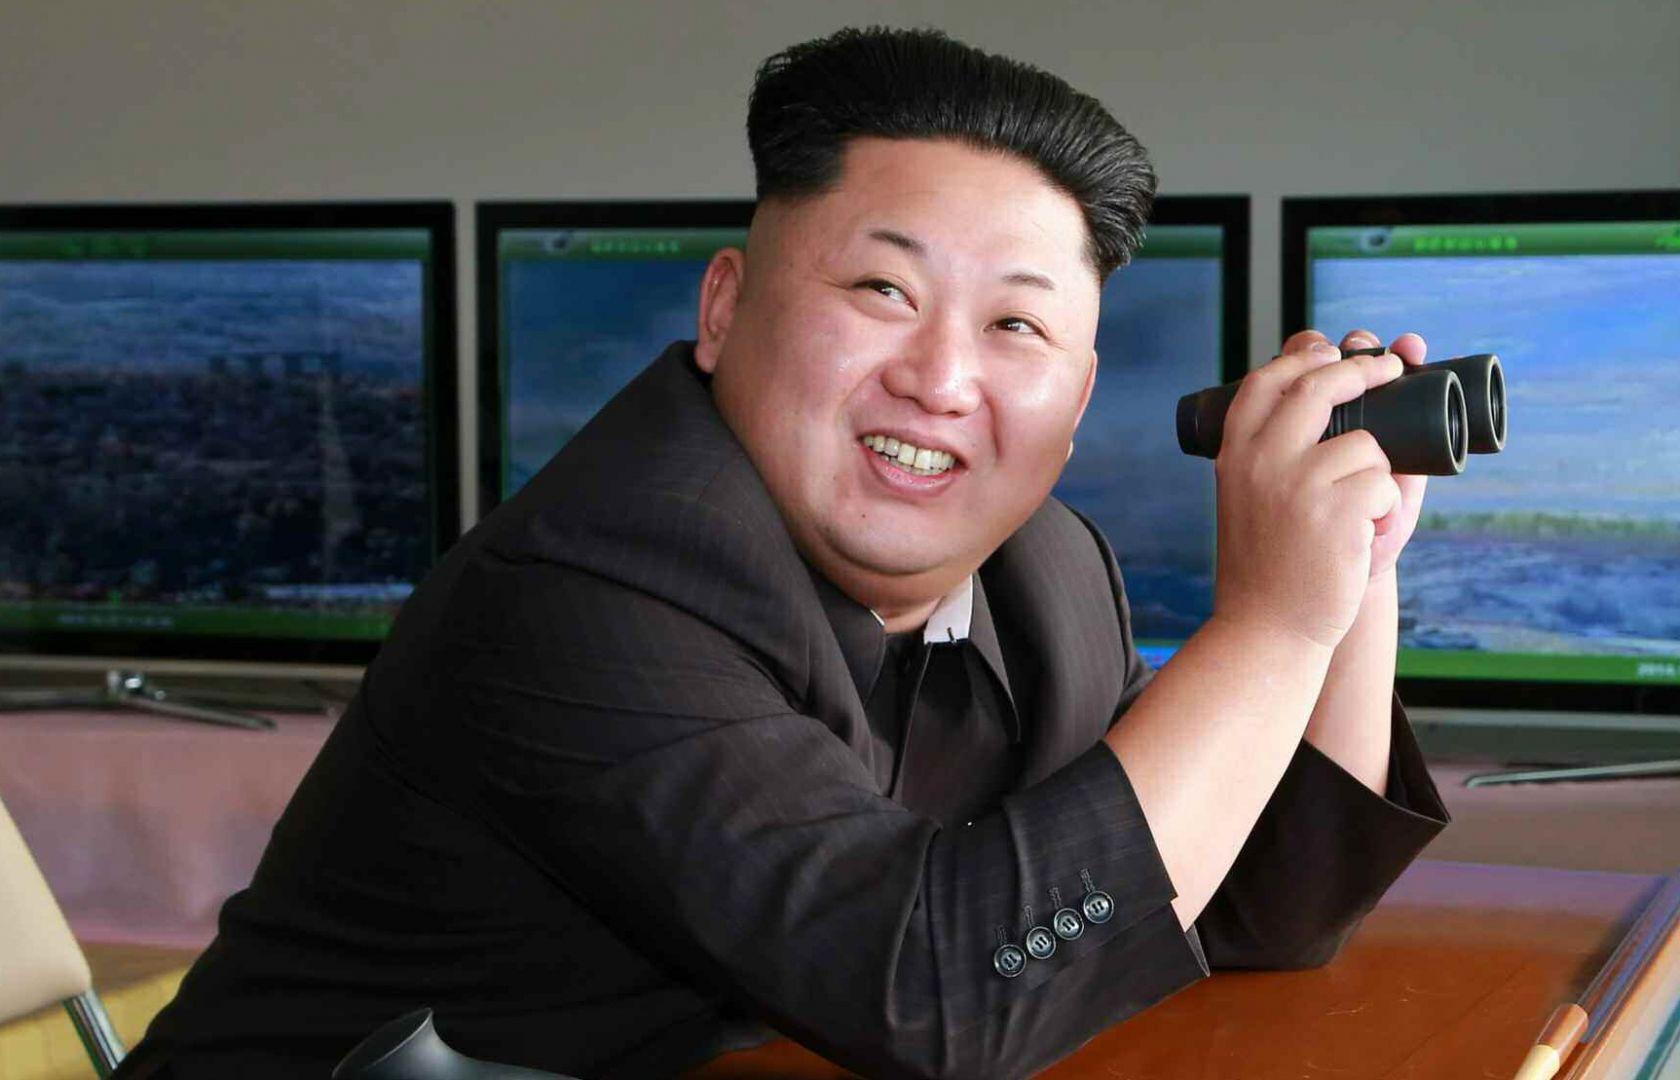 Ким Чен Ын распорядился армии быть готовой «сломать хребет врага»